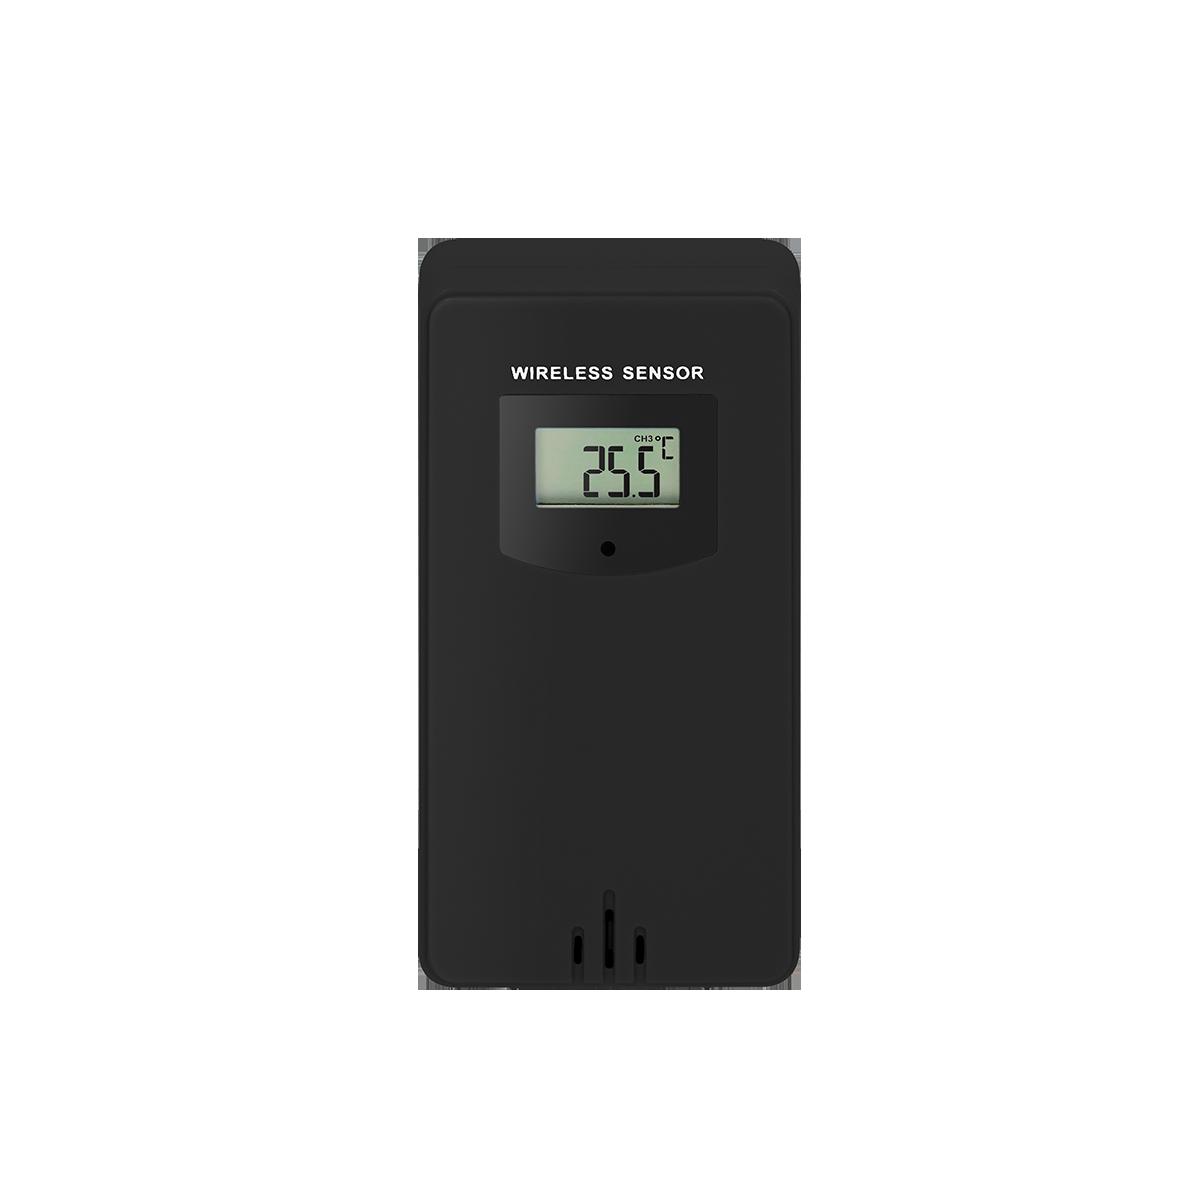 Czujnik temperatury zewnętrzny do  stacji pogodowej OR-SP-3100, czarny